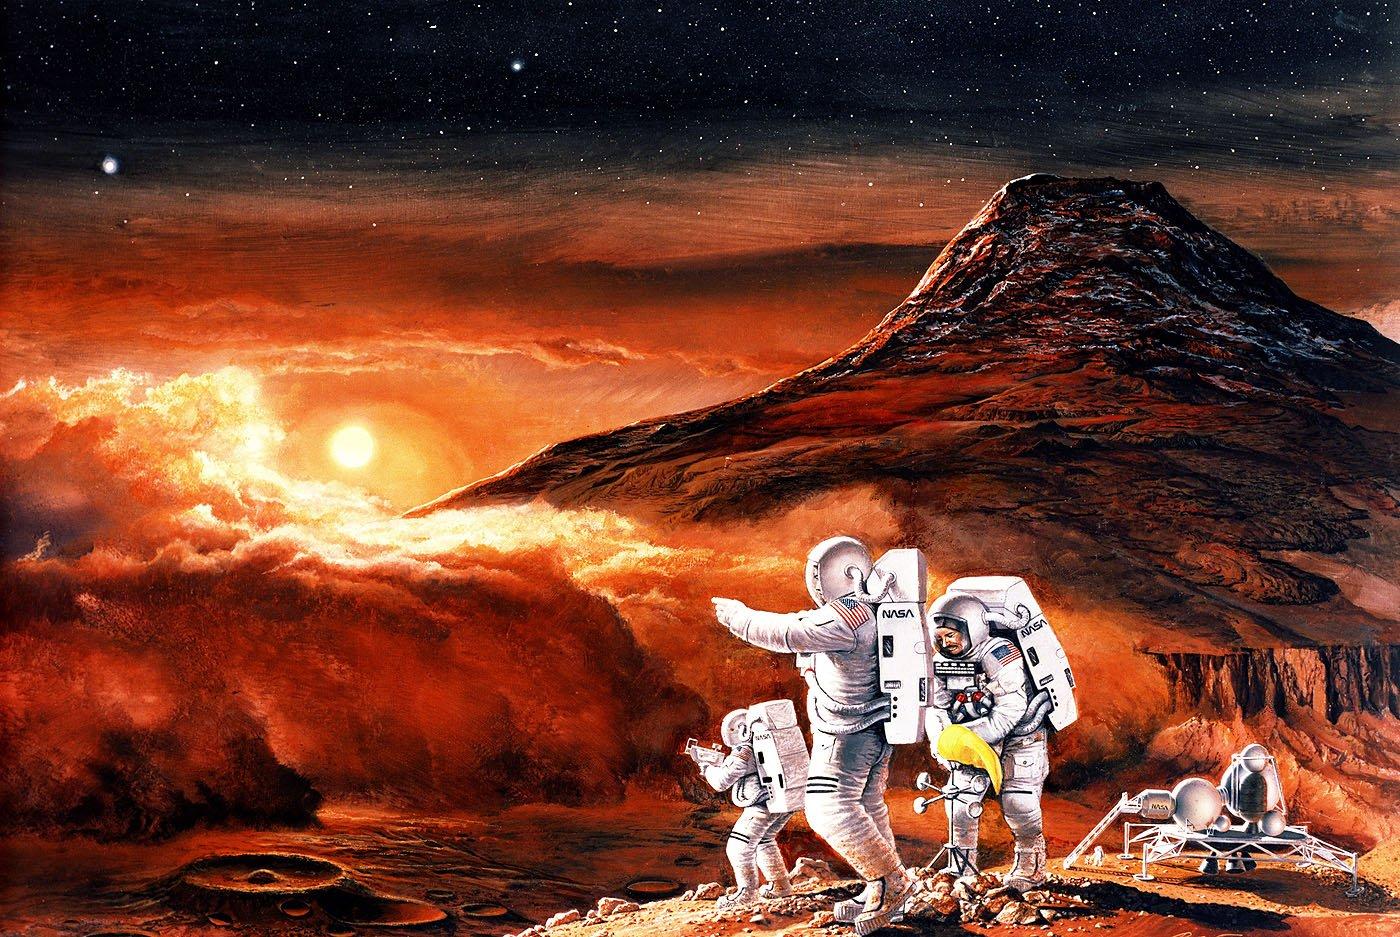 ВNASA поведали, когда может состояться первая экспедиция наМарс